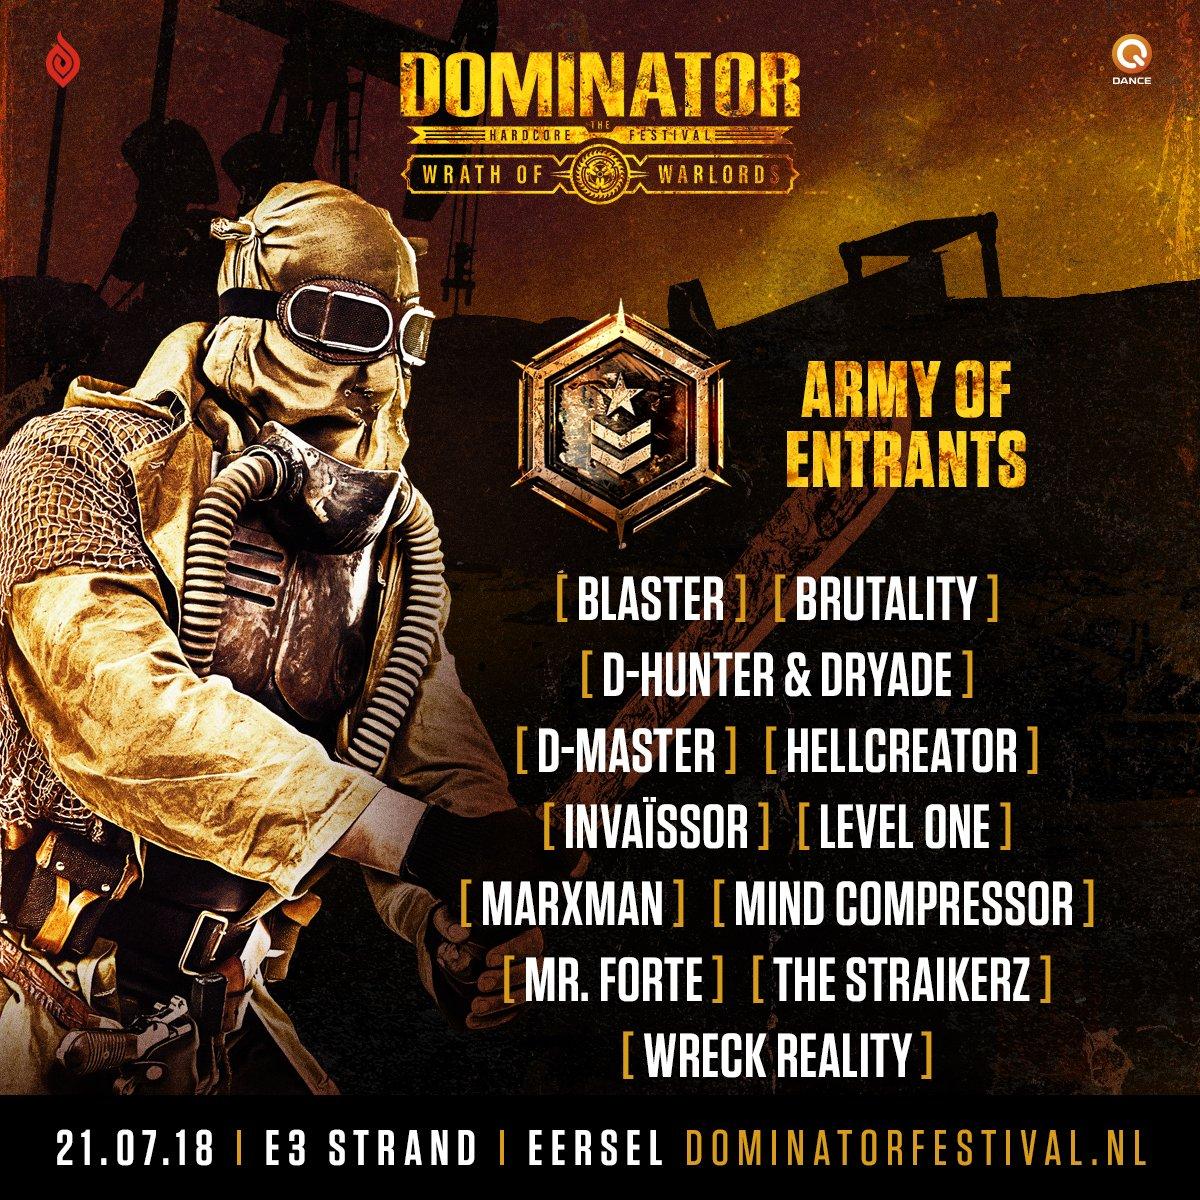 Dominator Festival on Twitter: